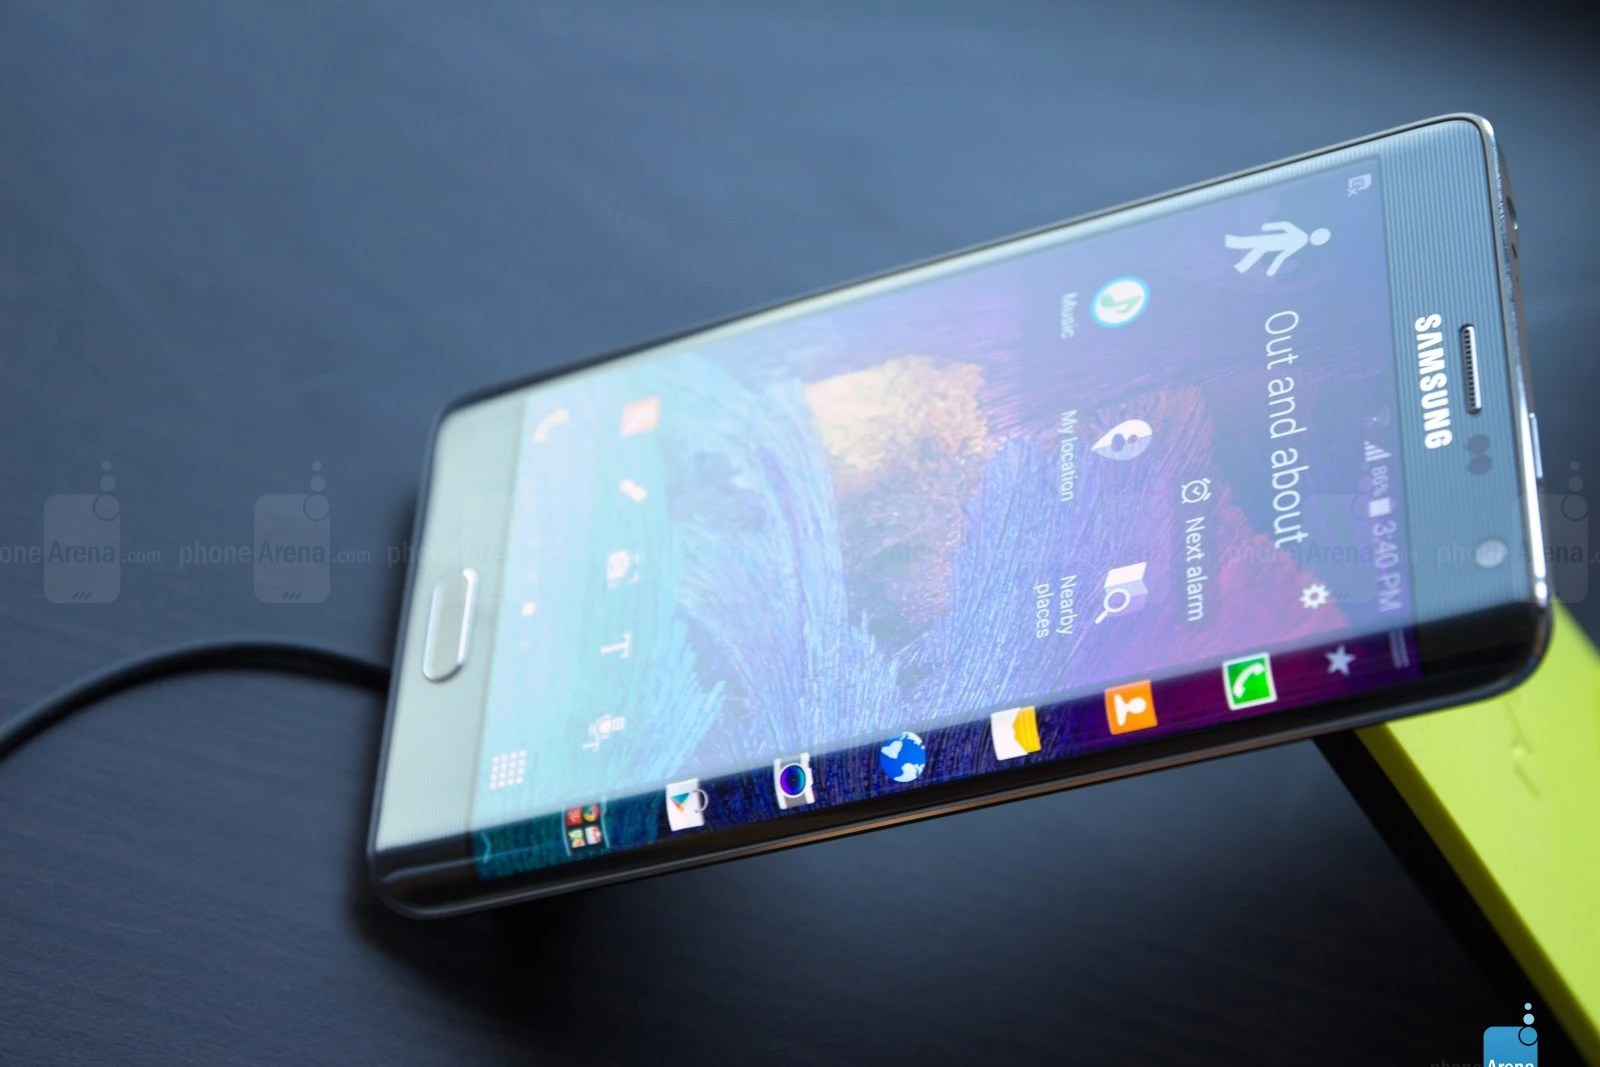 Updates Samsung Galaxy S5